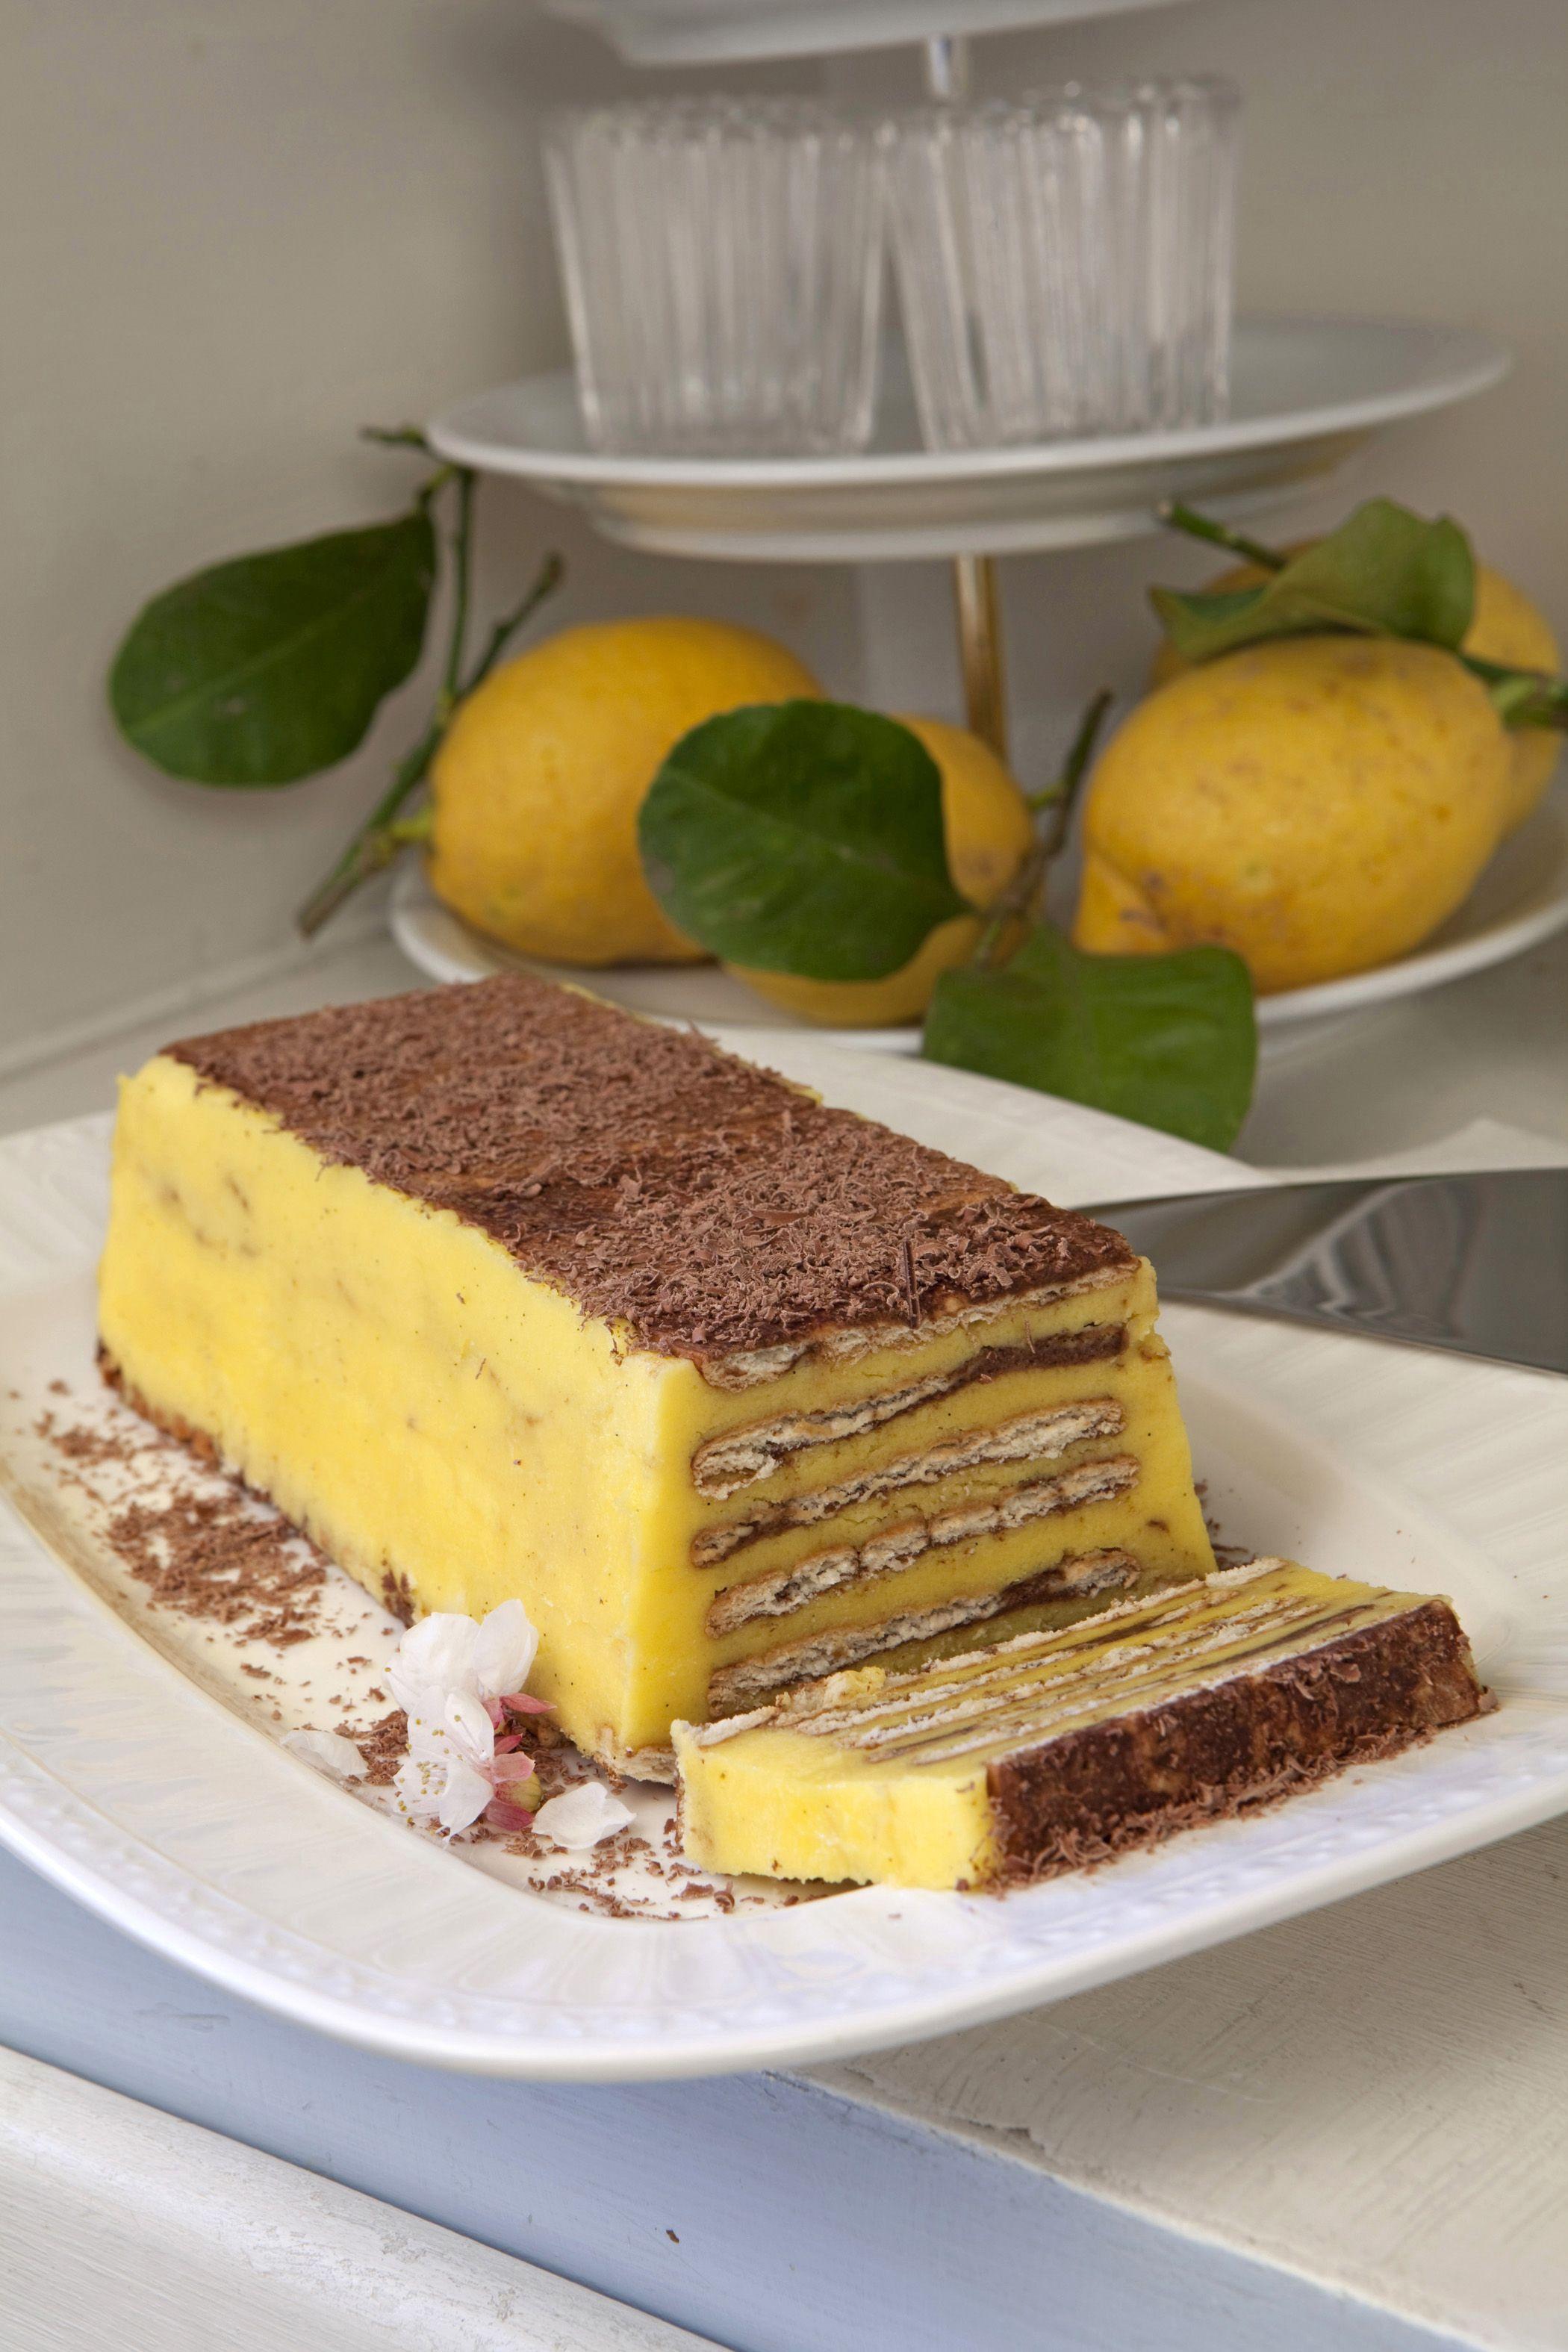 Un dolce consistente dai sapori decisi. Segui la ricetta di Sale&Pepe e scopri come preparare un semifreddo di biscotti con semplicità.